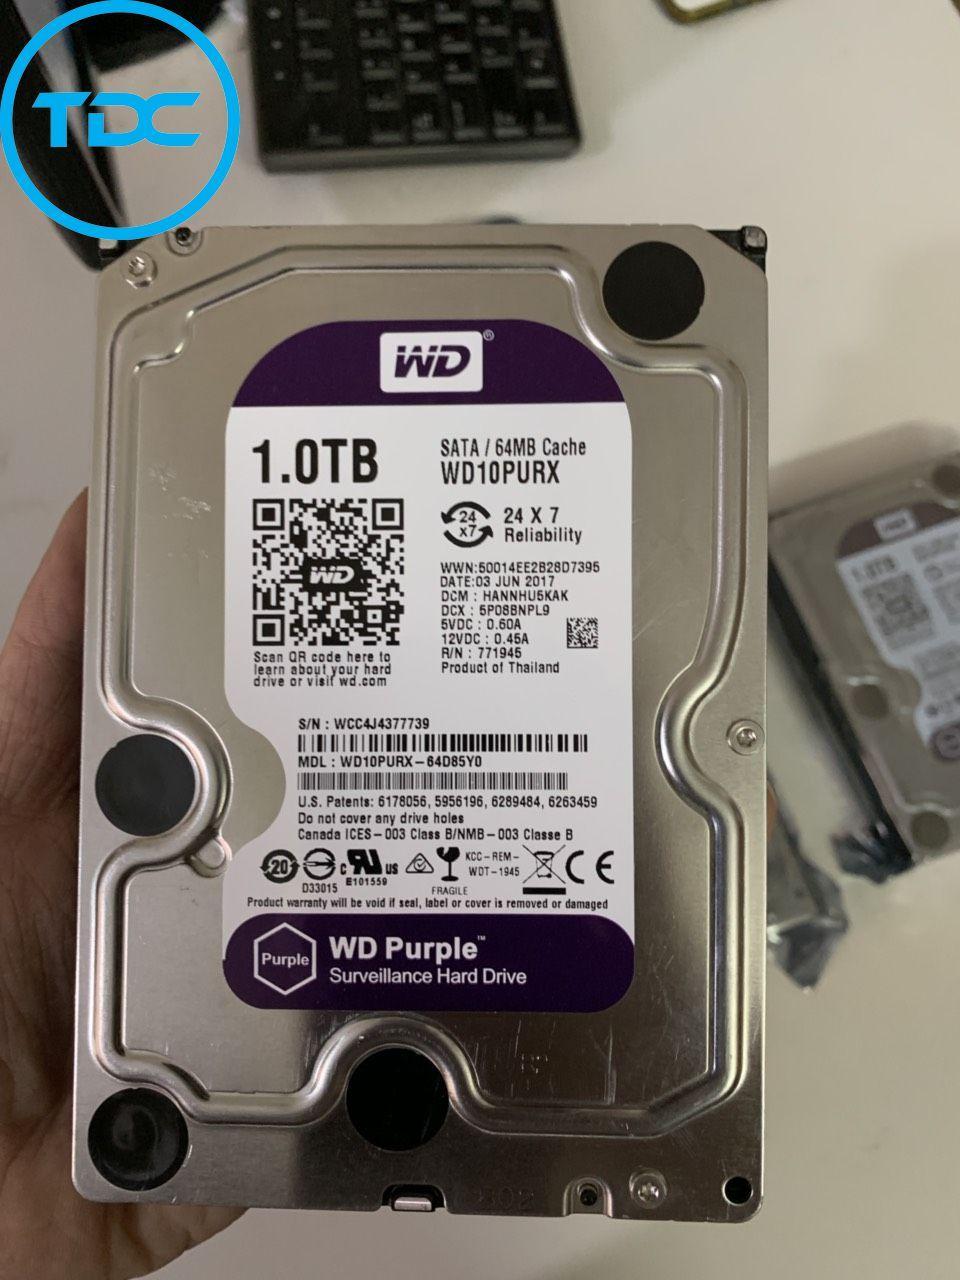 Giá Ổ cứng HDD 1TB WD PURPLE chuyên dùng cho đầu thu camera. Bảo hành 2 năm